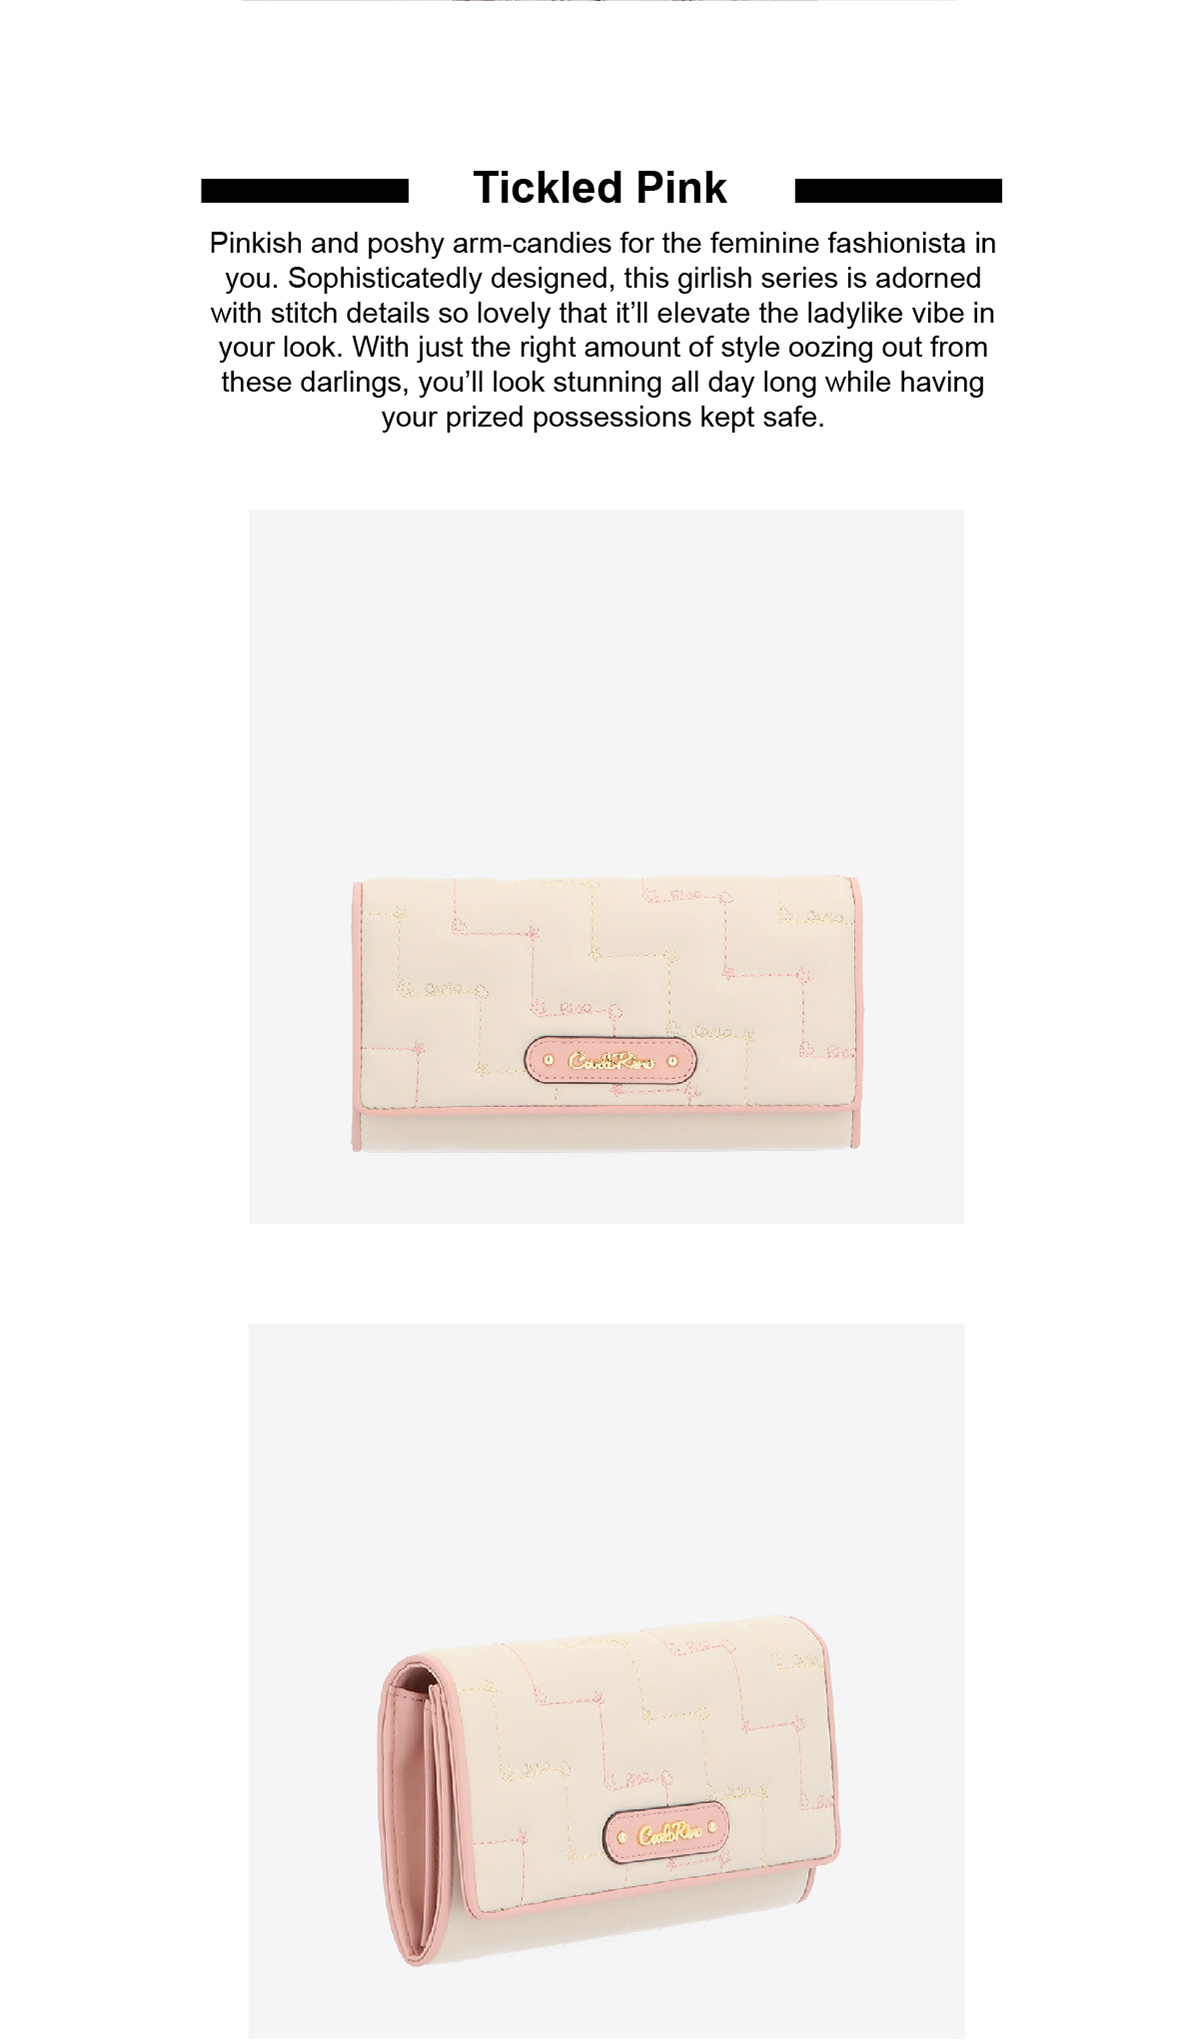 0304944G 501 02 - Tickled Pink Cushy Zip-around Wallet